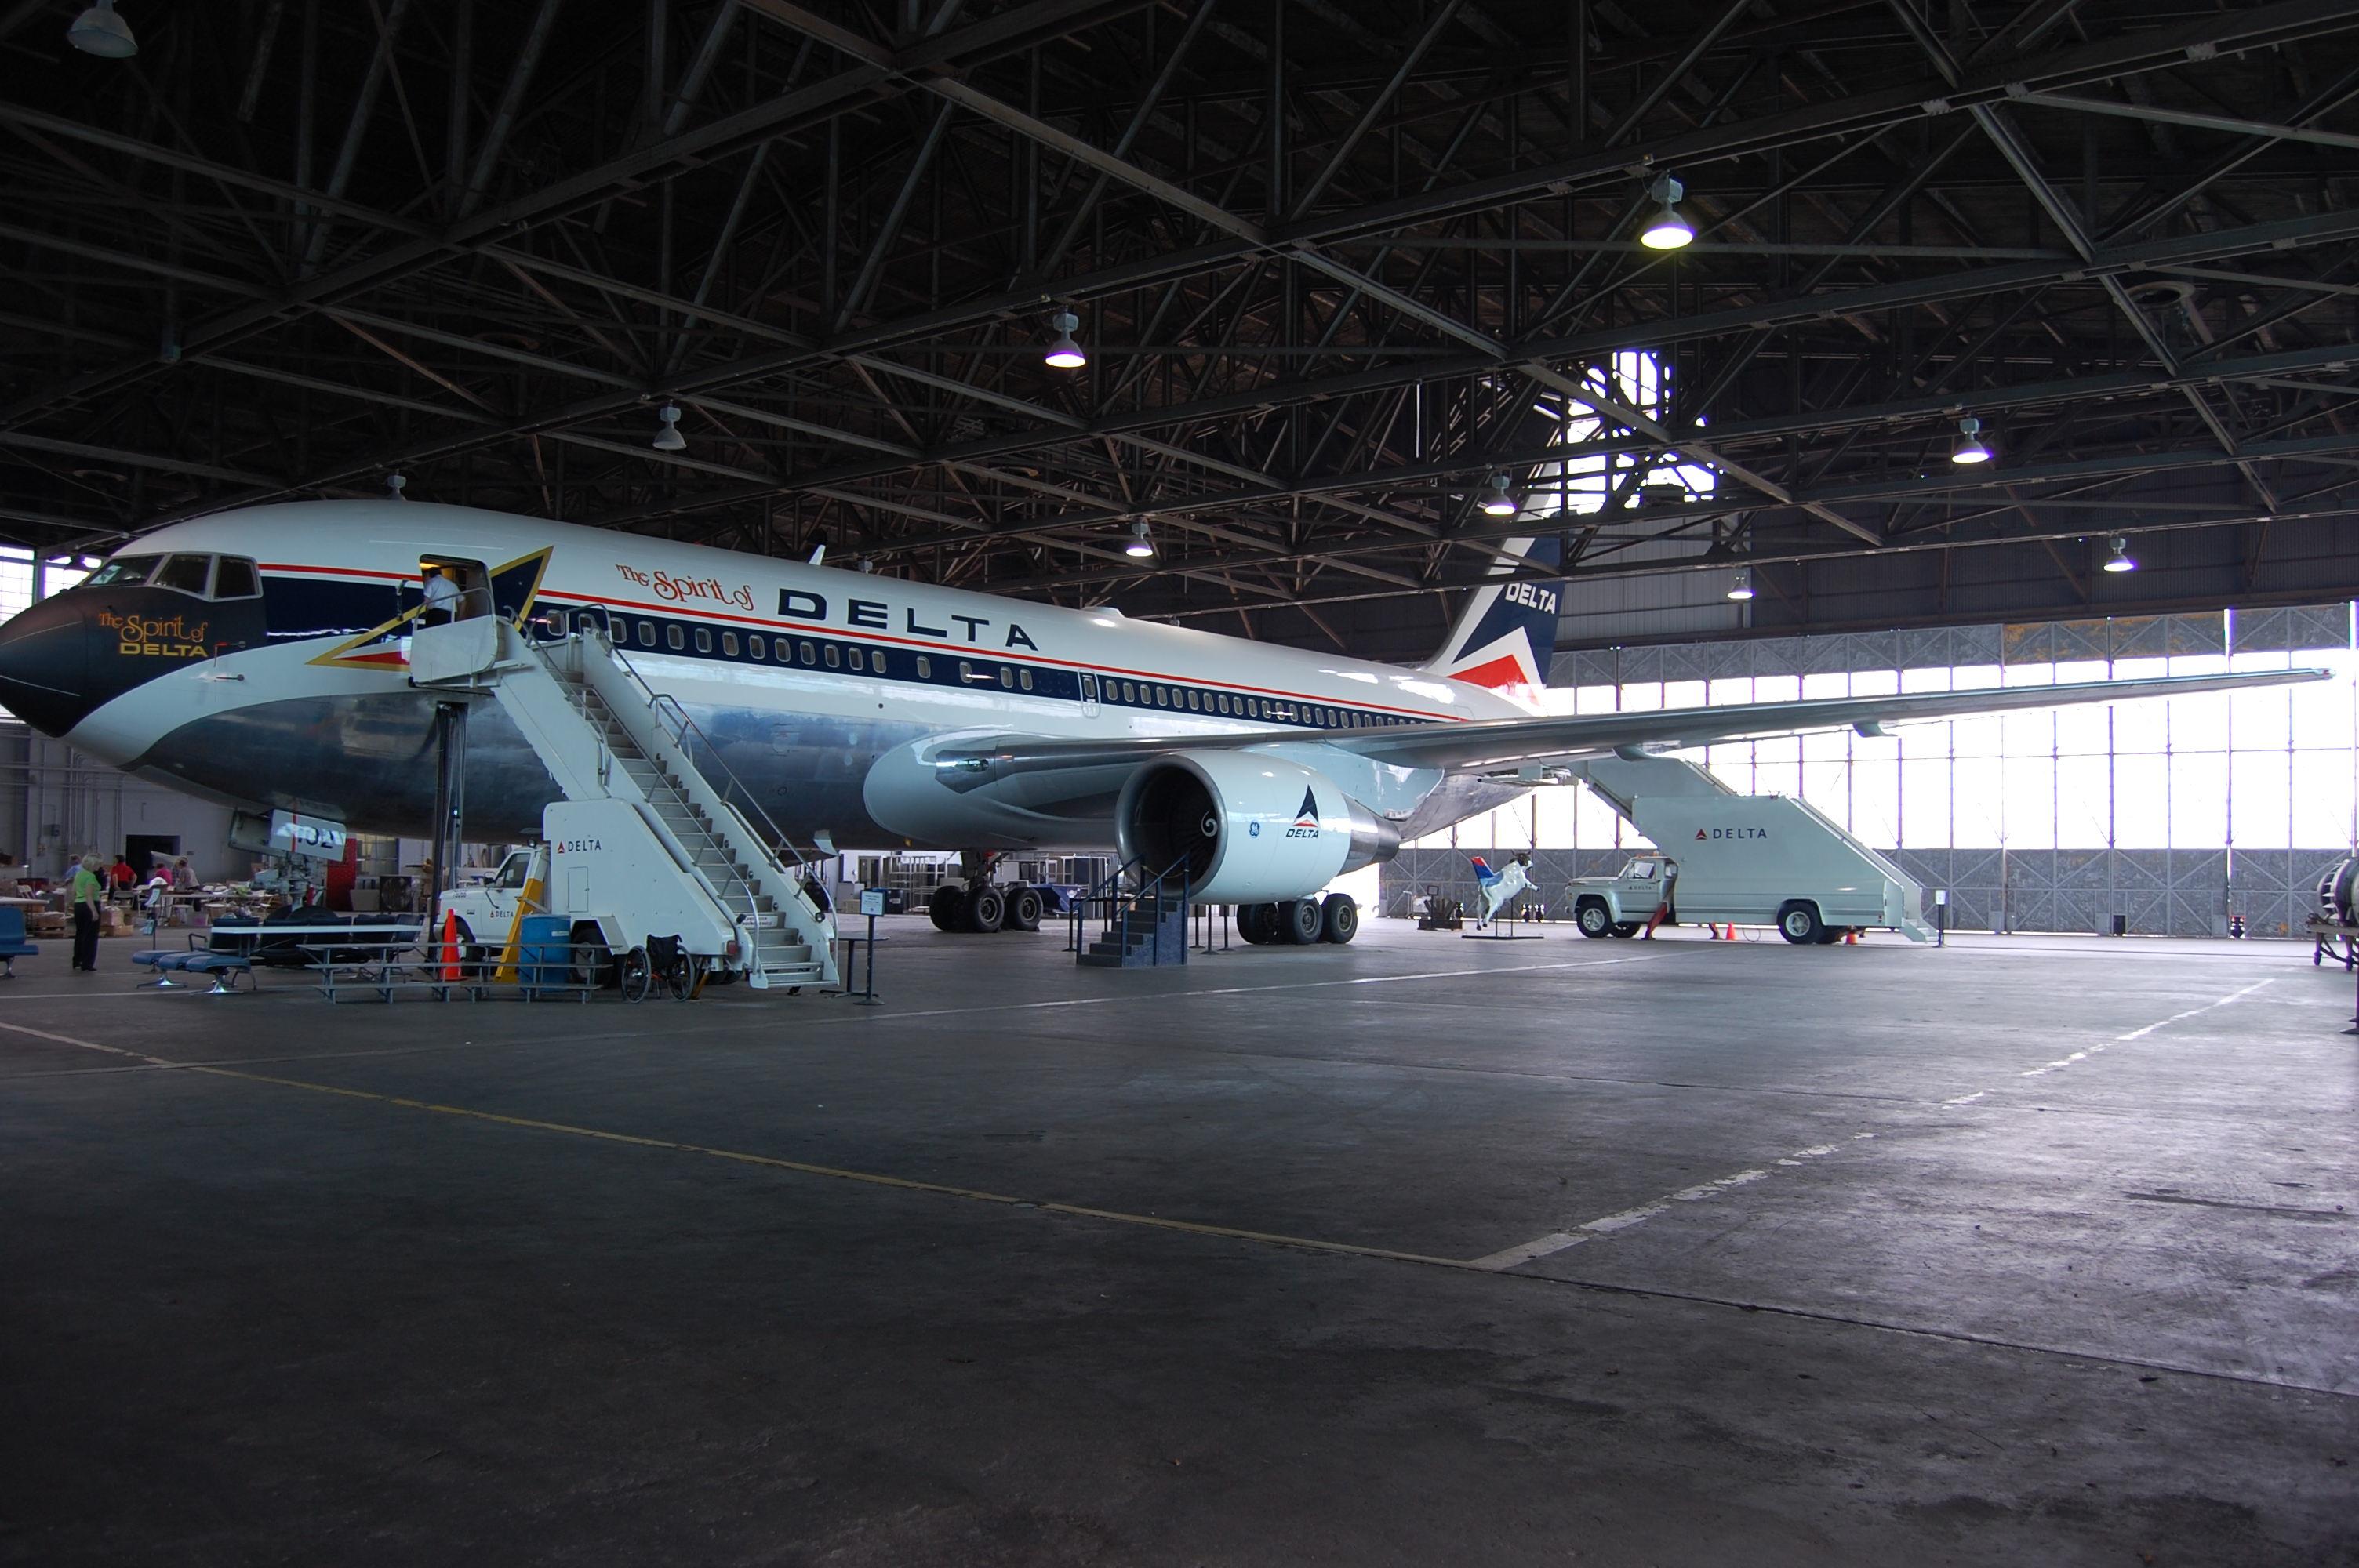 The Spirit of Delta Boeing 767